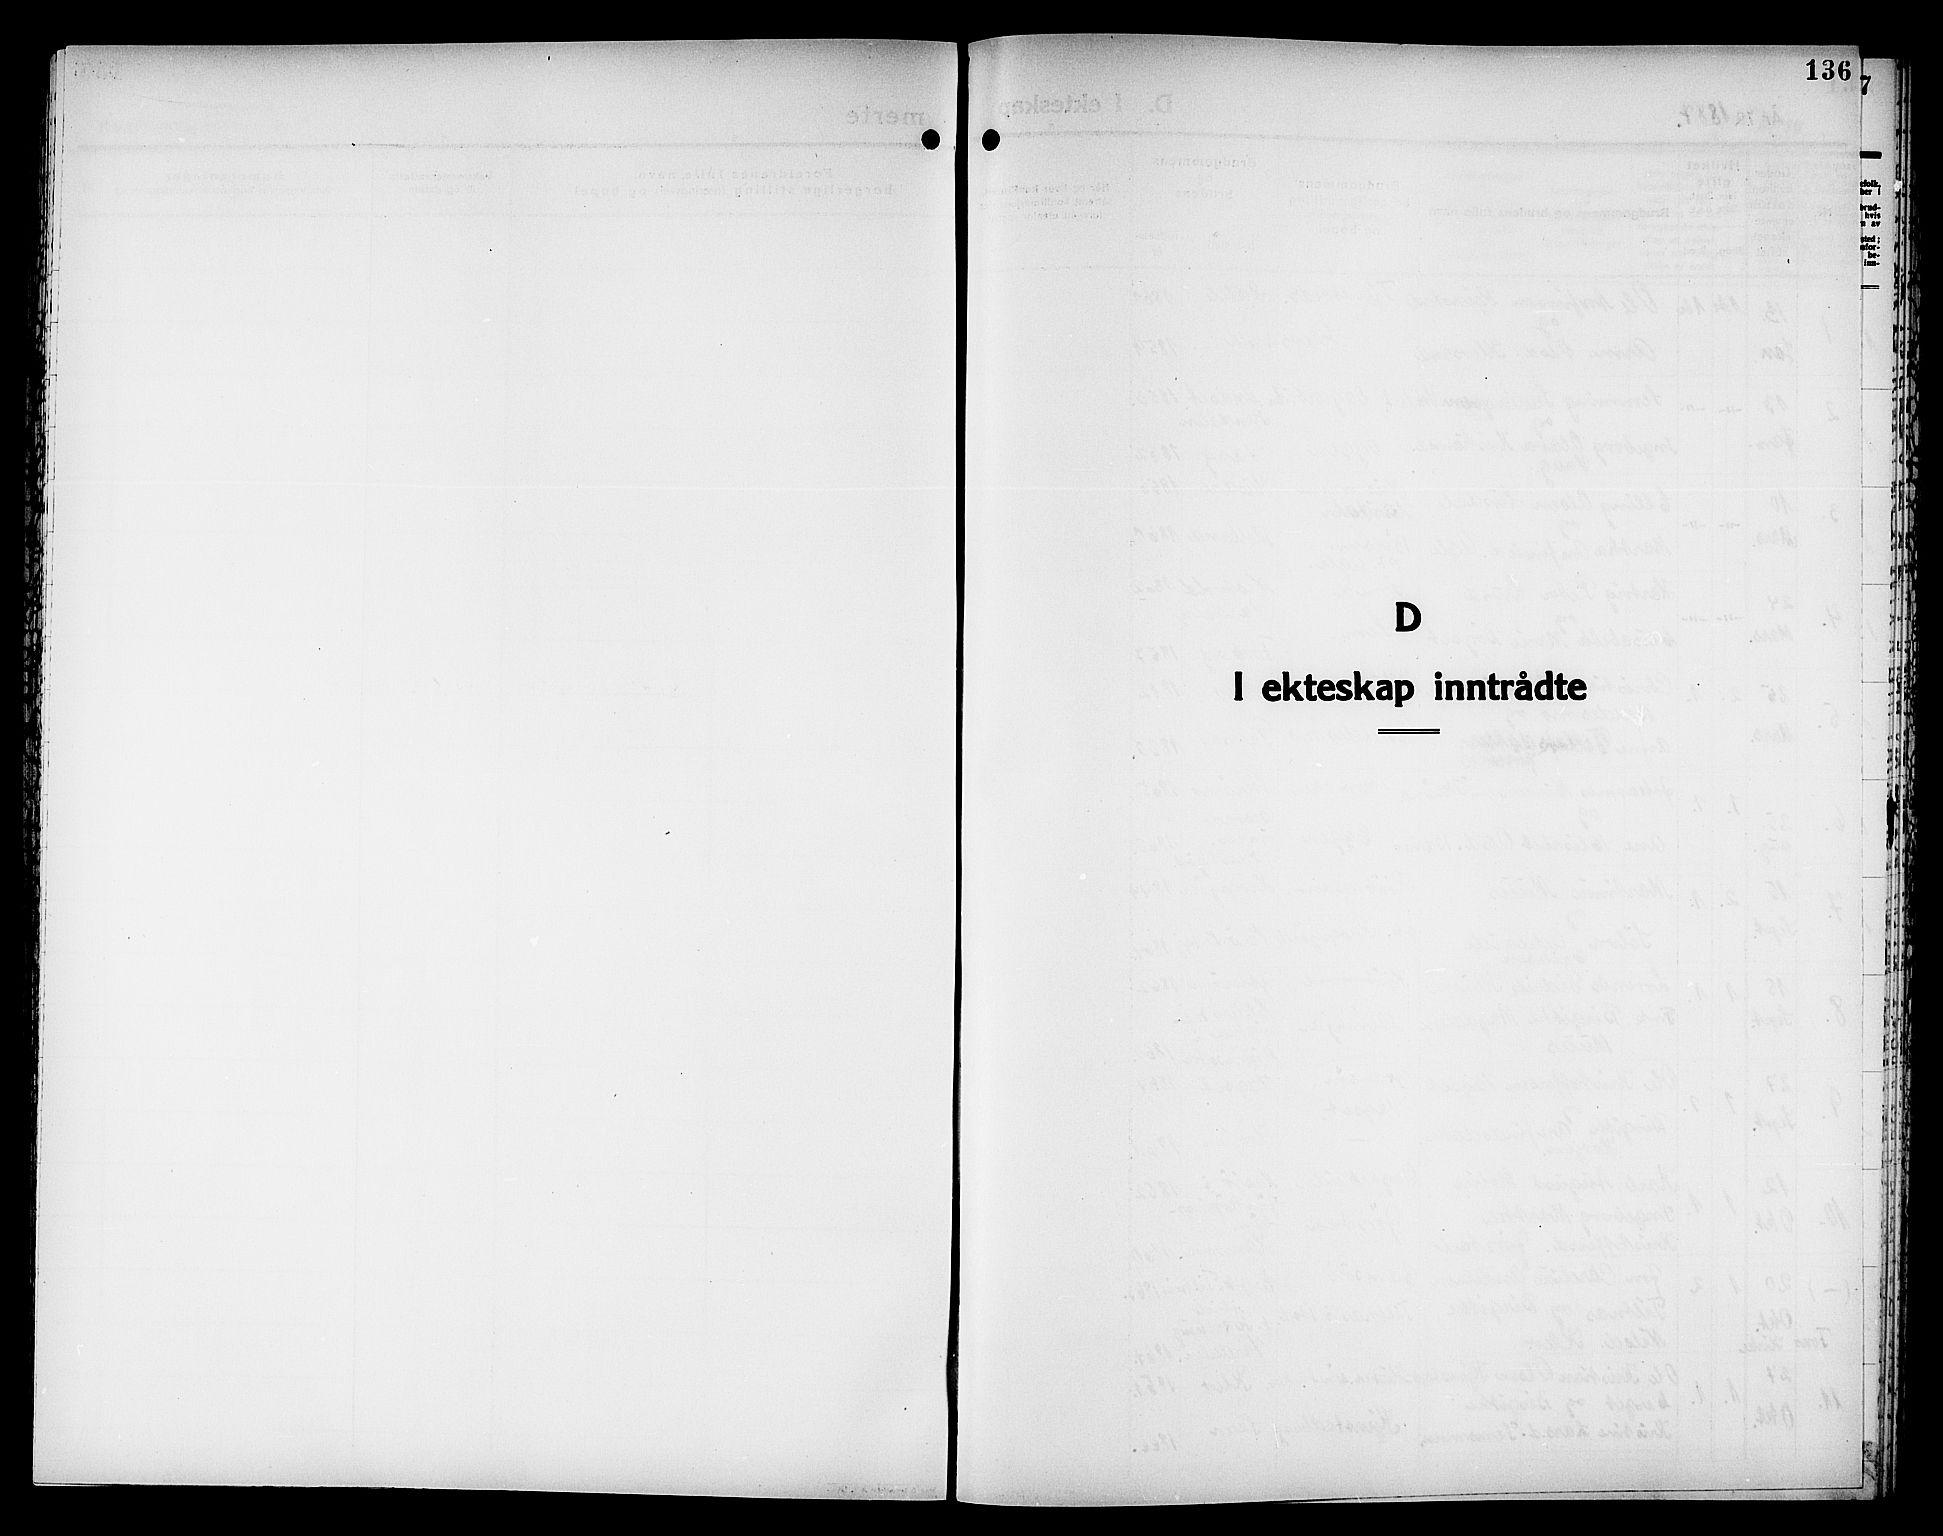 SAT, Ministerialprotokoller, klokkerbøker og fødselsregistre - Nord-Trøndelag, 749/L0487: Ministerialbok nr. 749D03, 1887-1902, s. 136